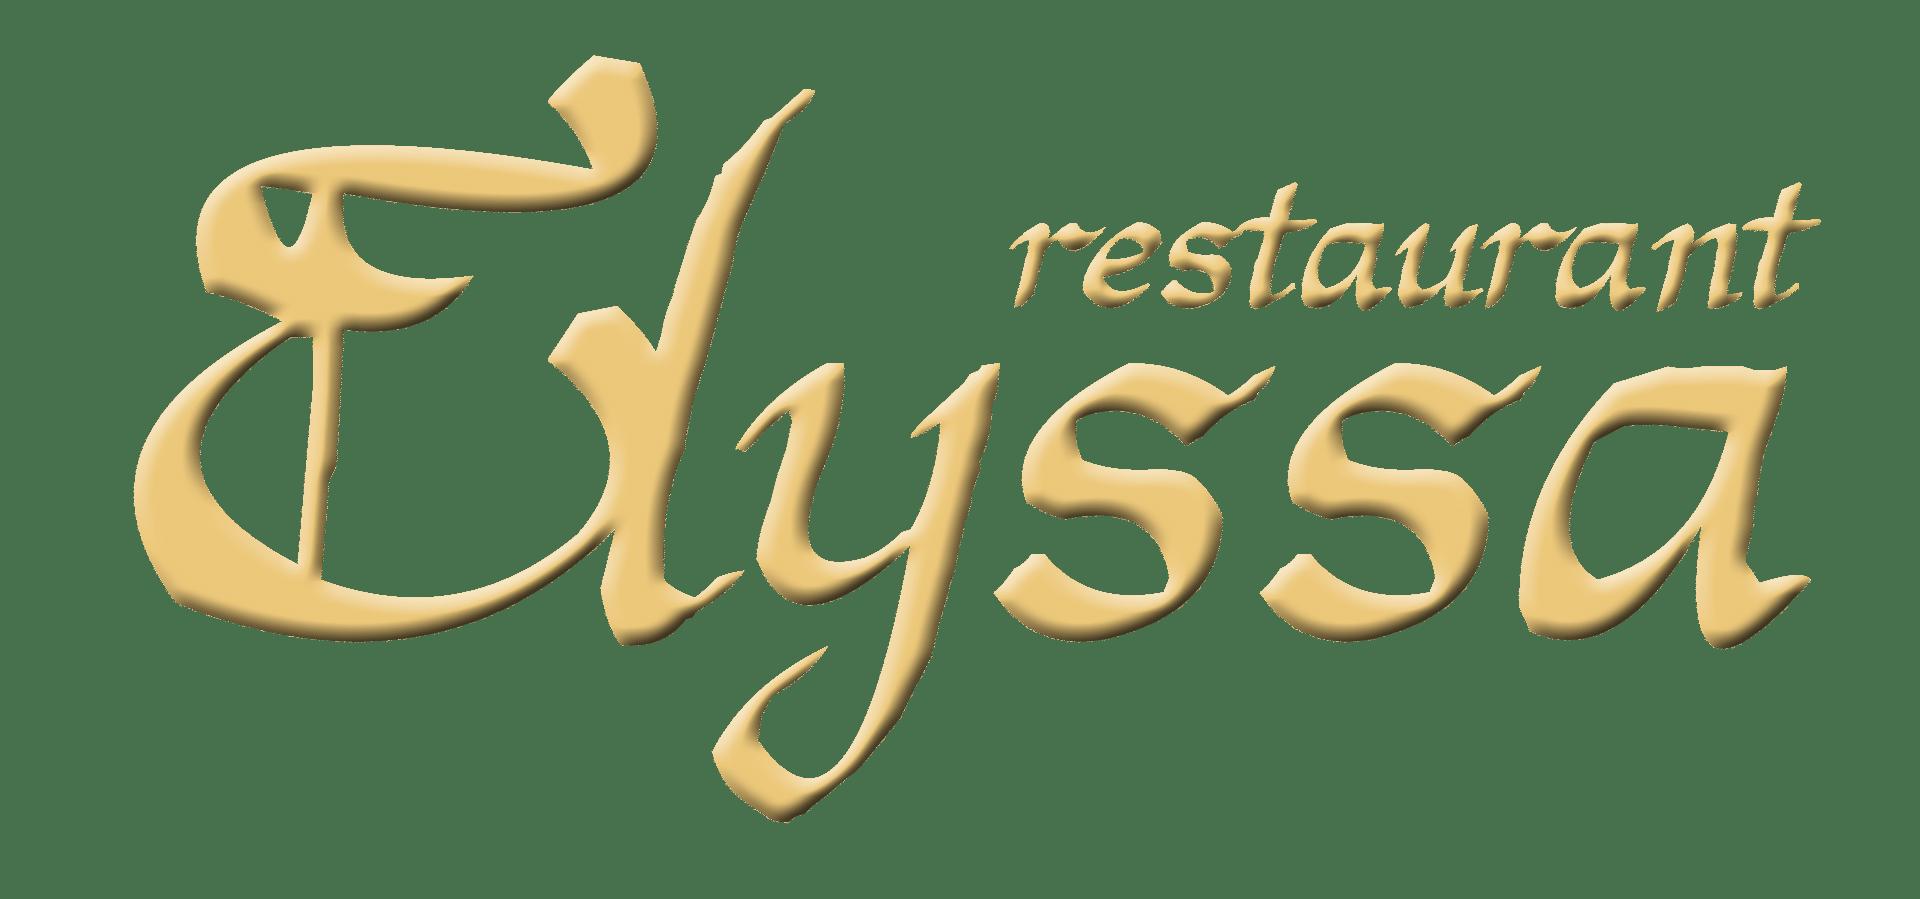 Restaurant Elyssa